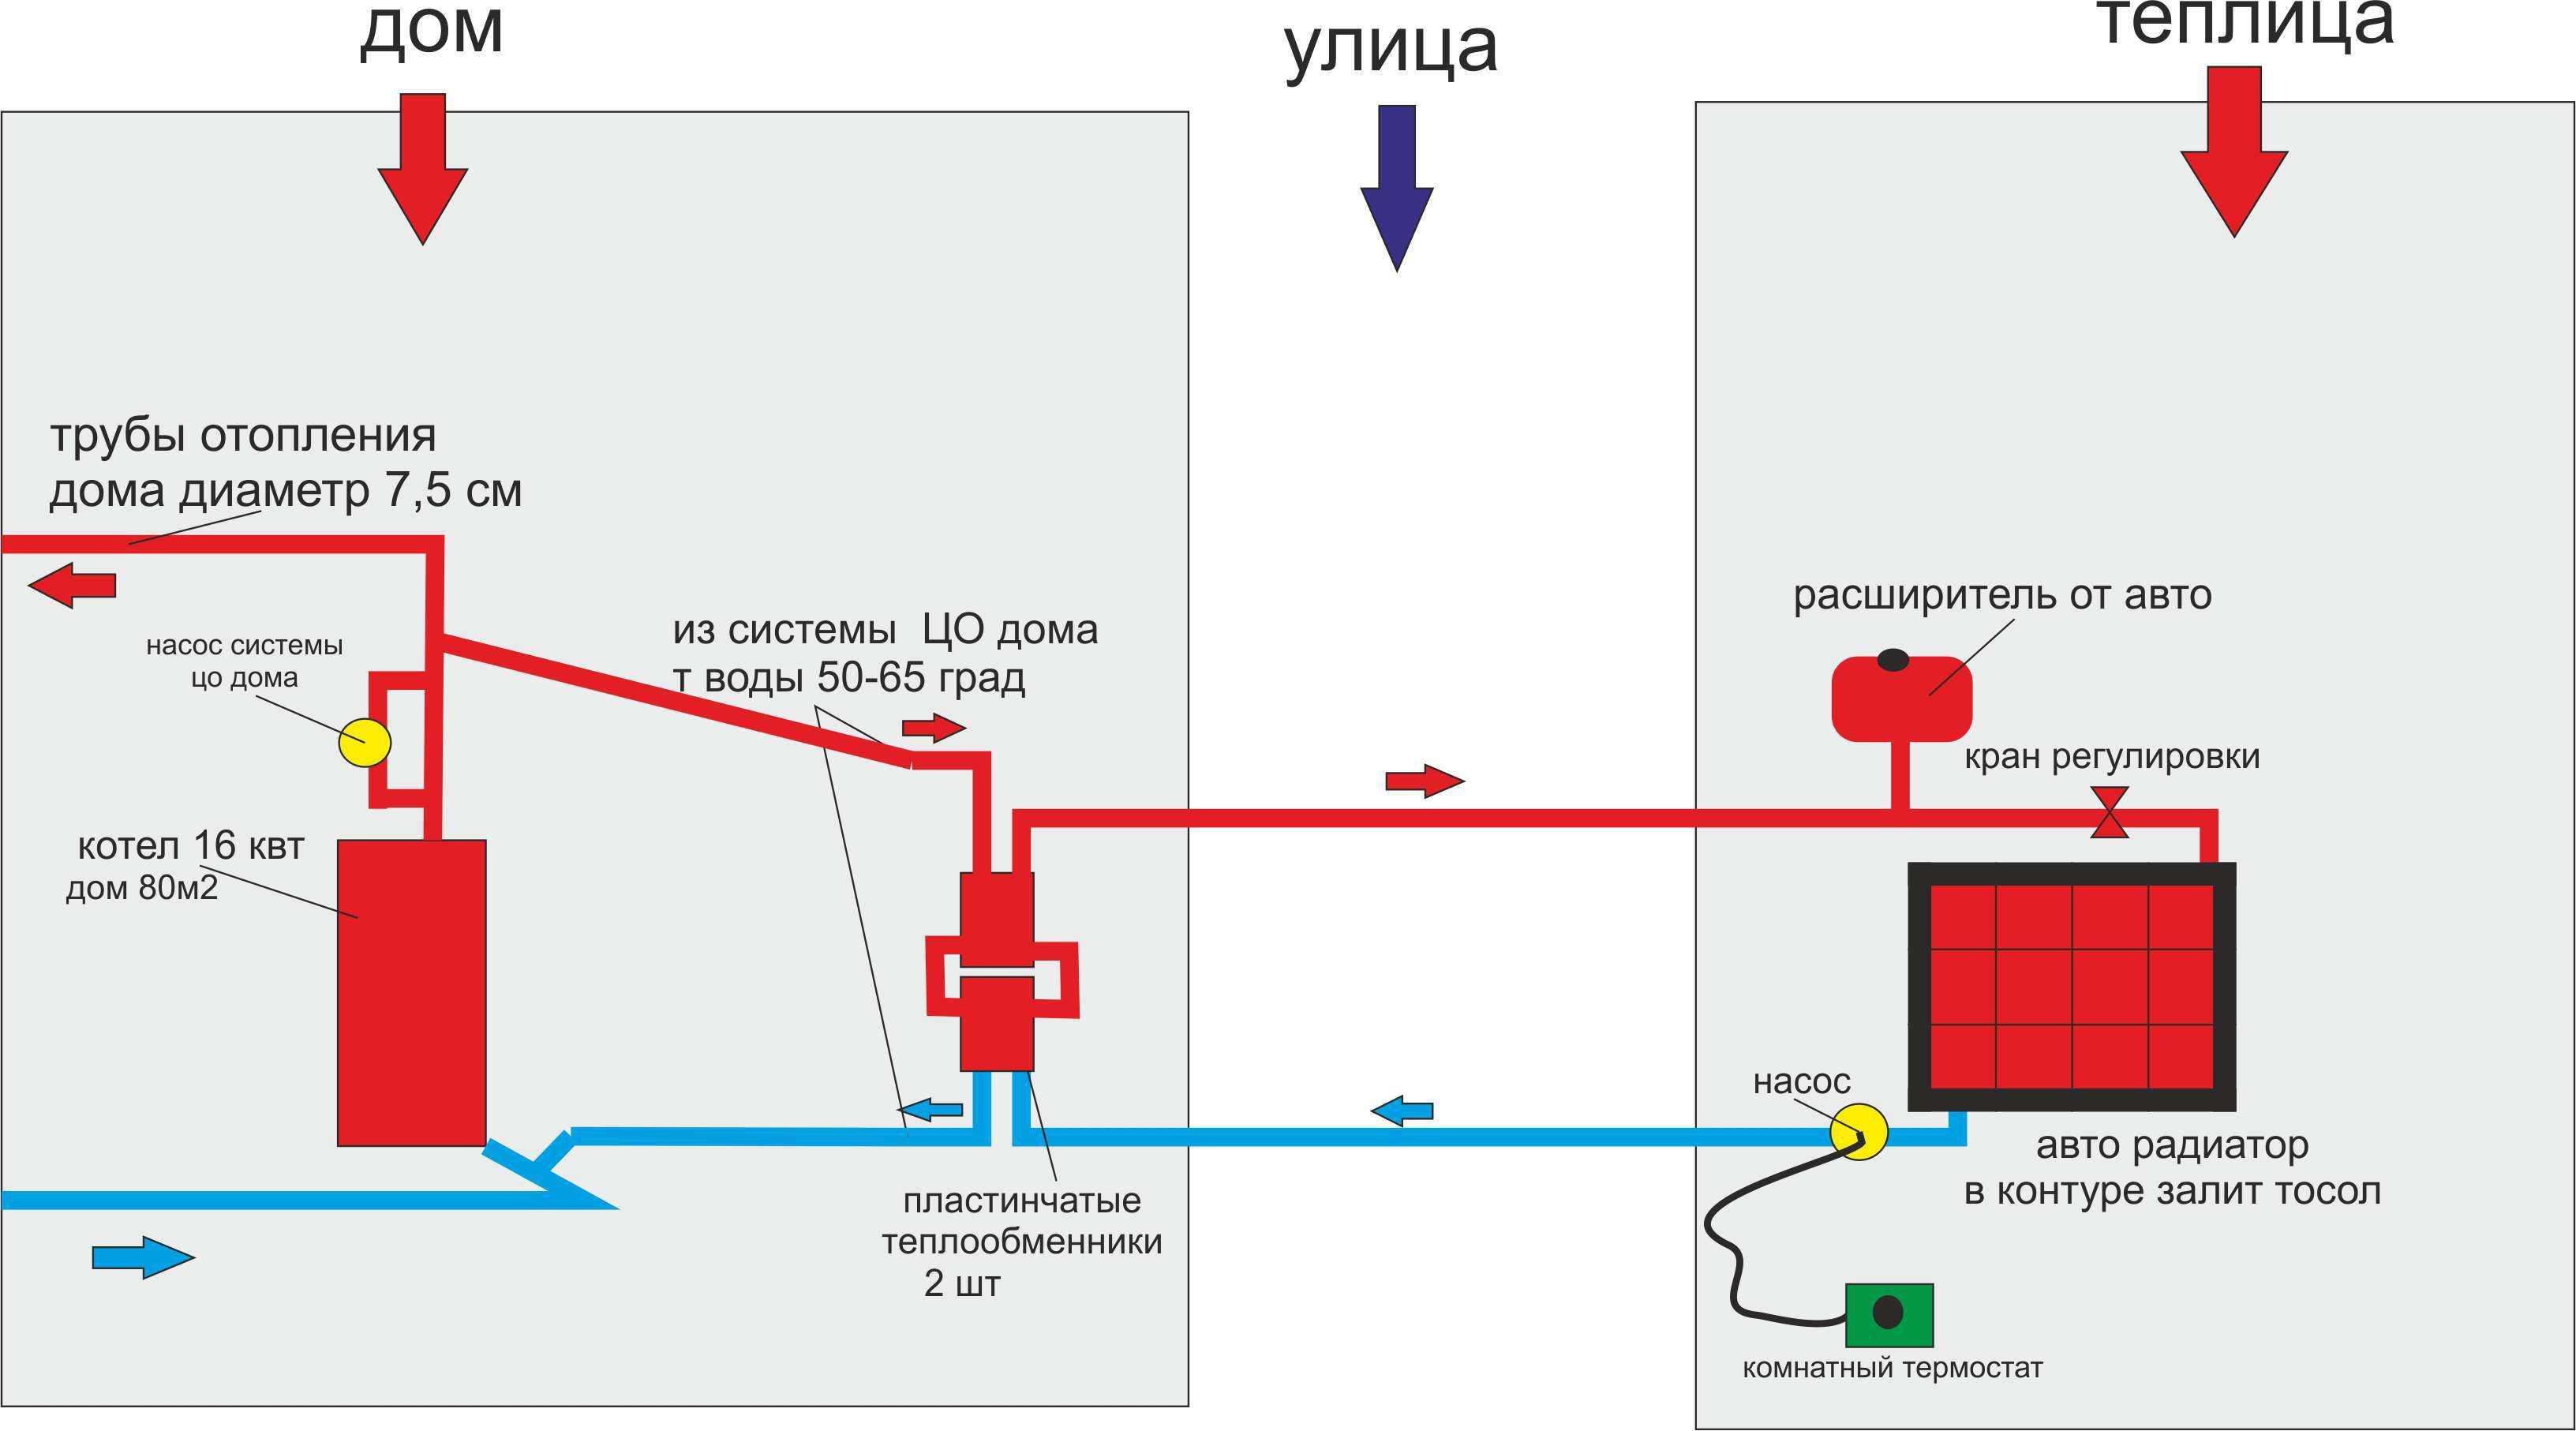 Система отопления дома через пластинчатый теплообменник вторичный теплообменник на vaillant 242-3-3